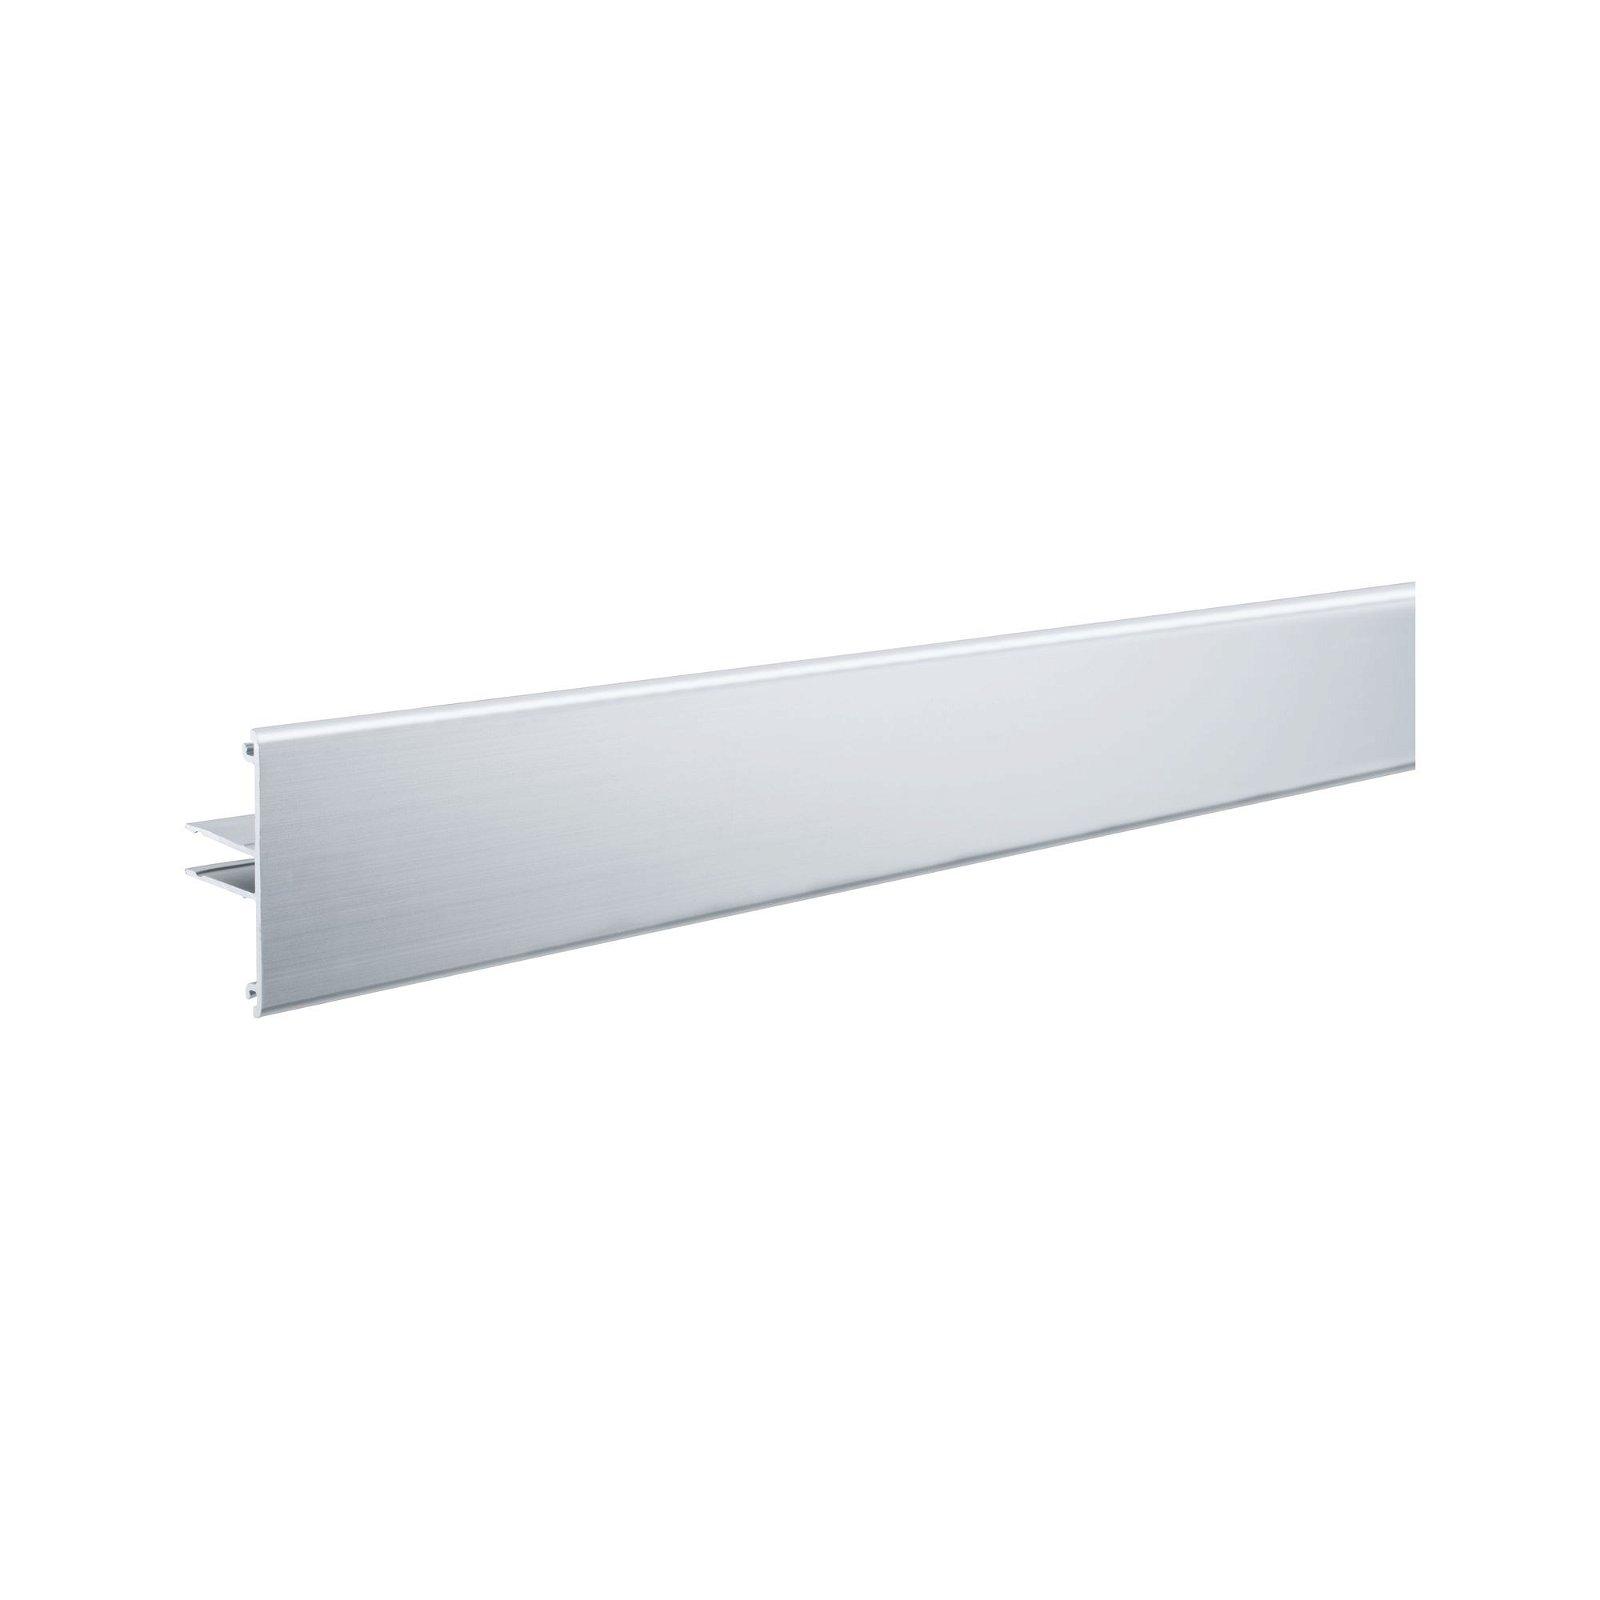 LED Strip Profil Duo 2m Alu